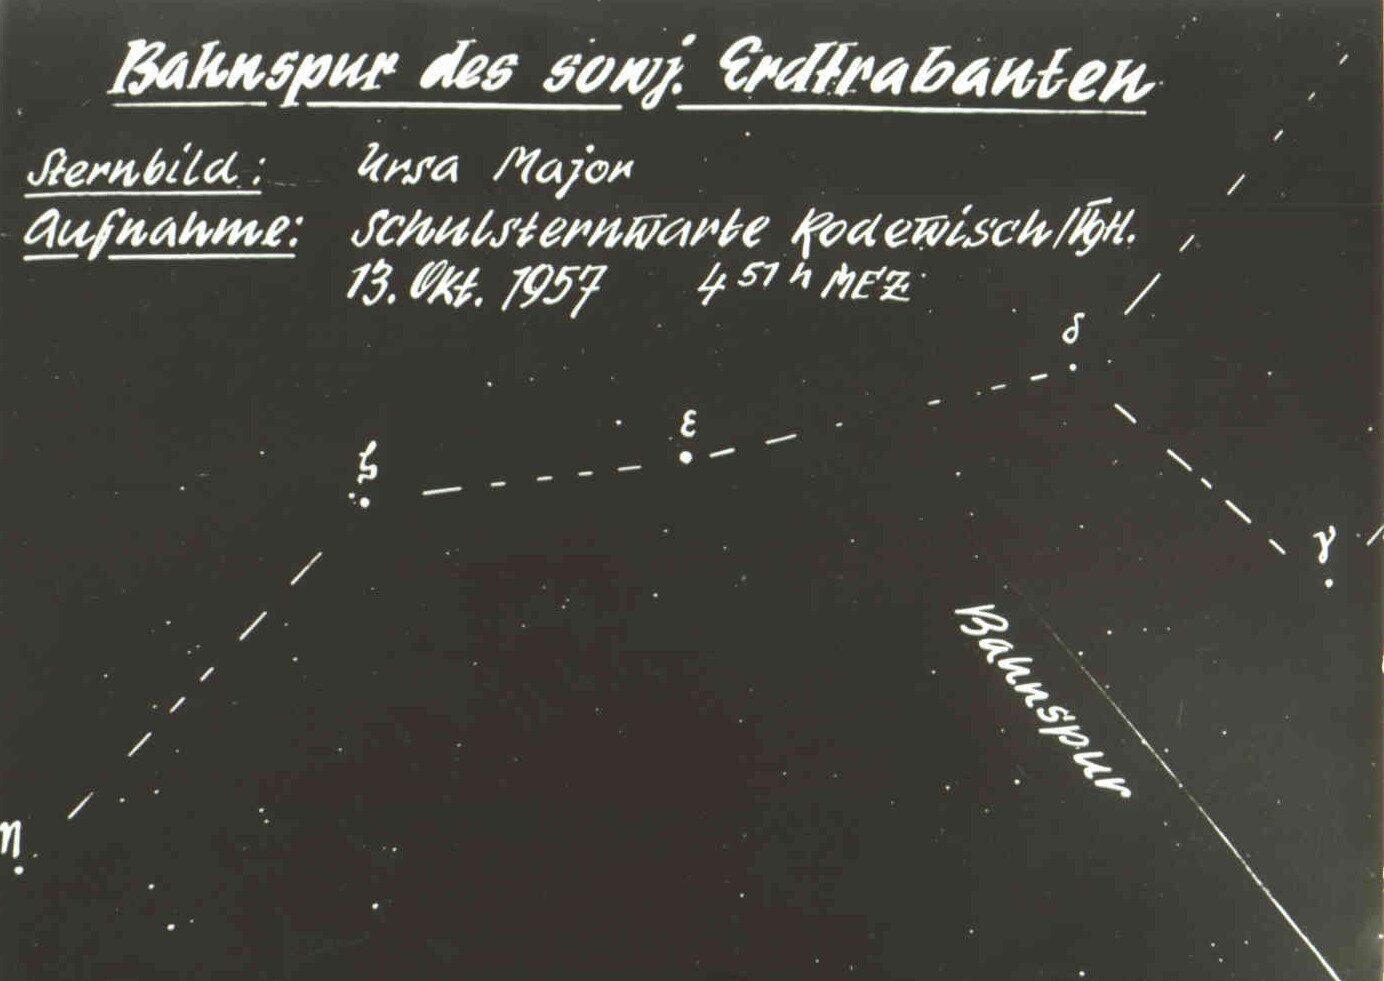 Erste Bahnspuraufnahme von Sputnik 1